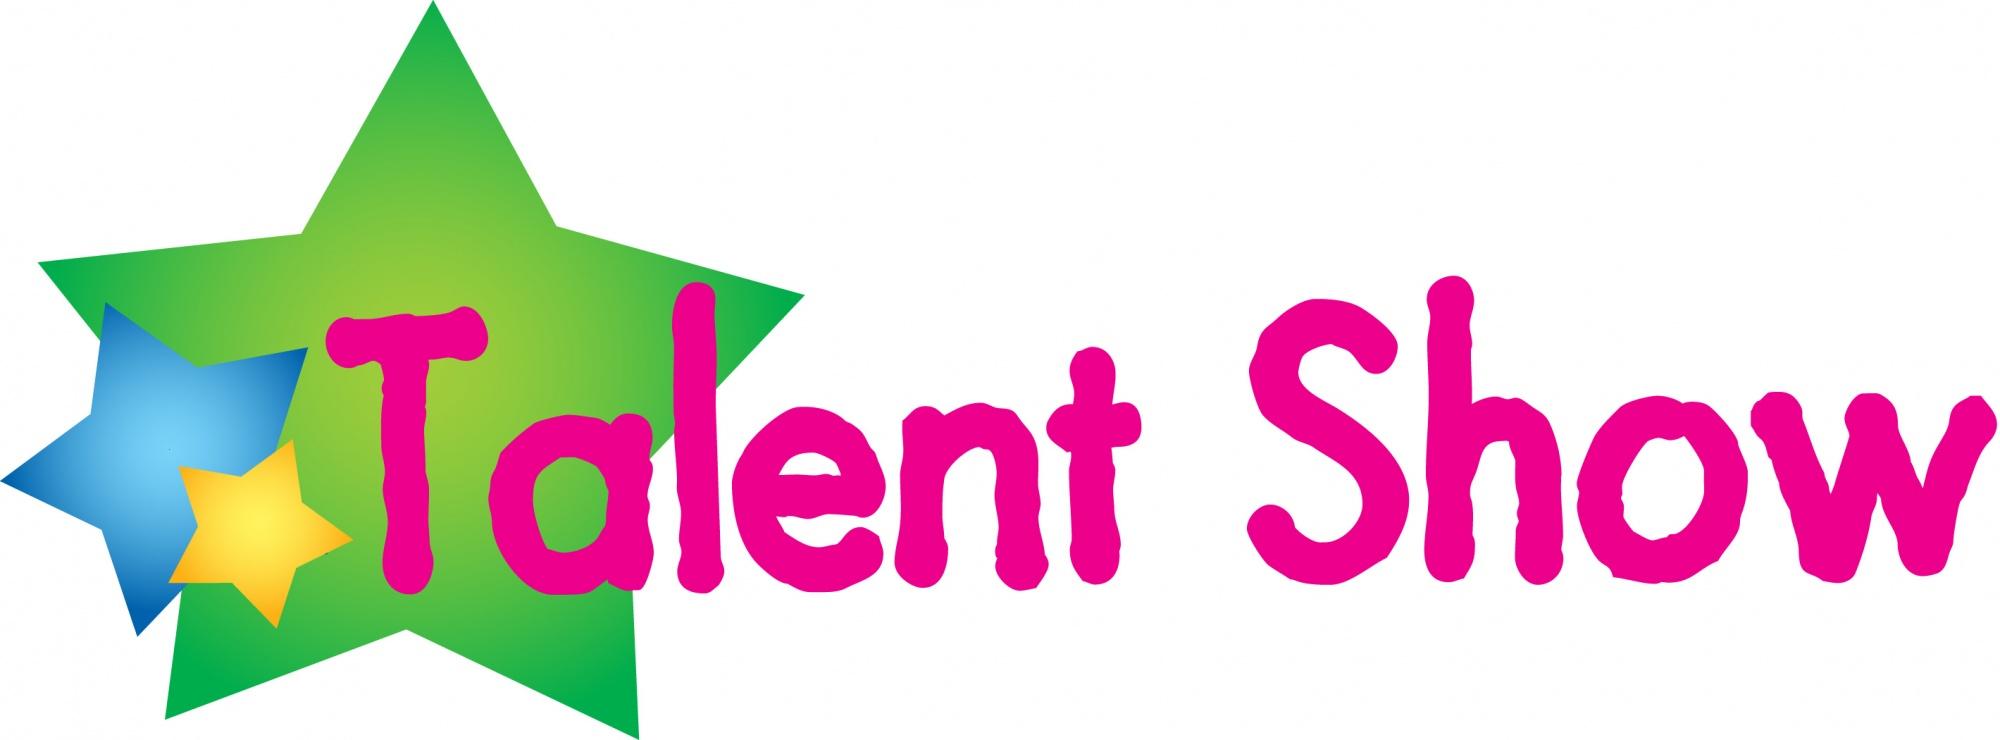 Talent Show Clip Art